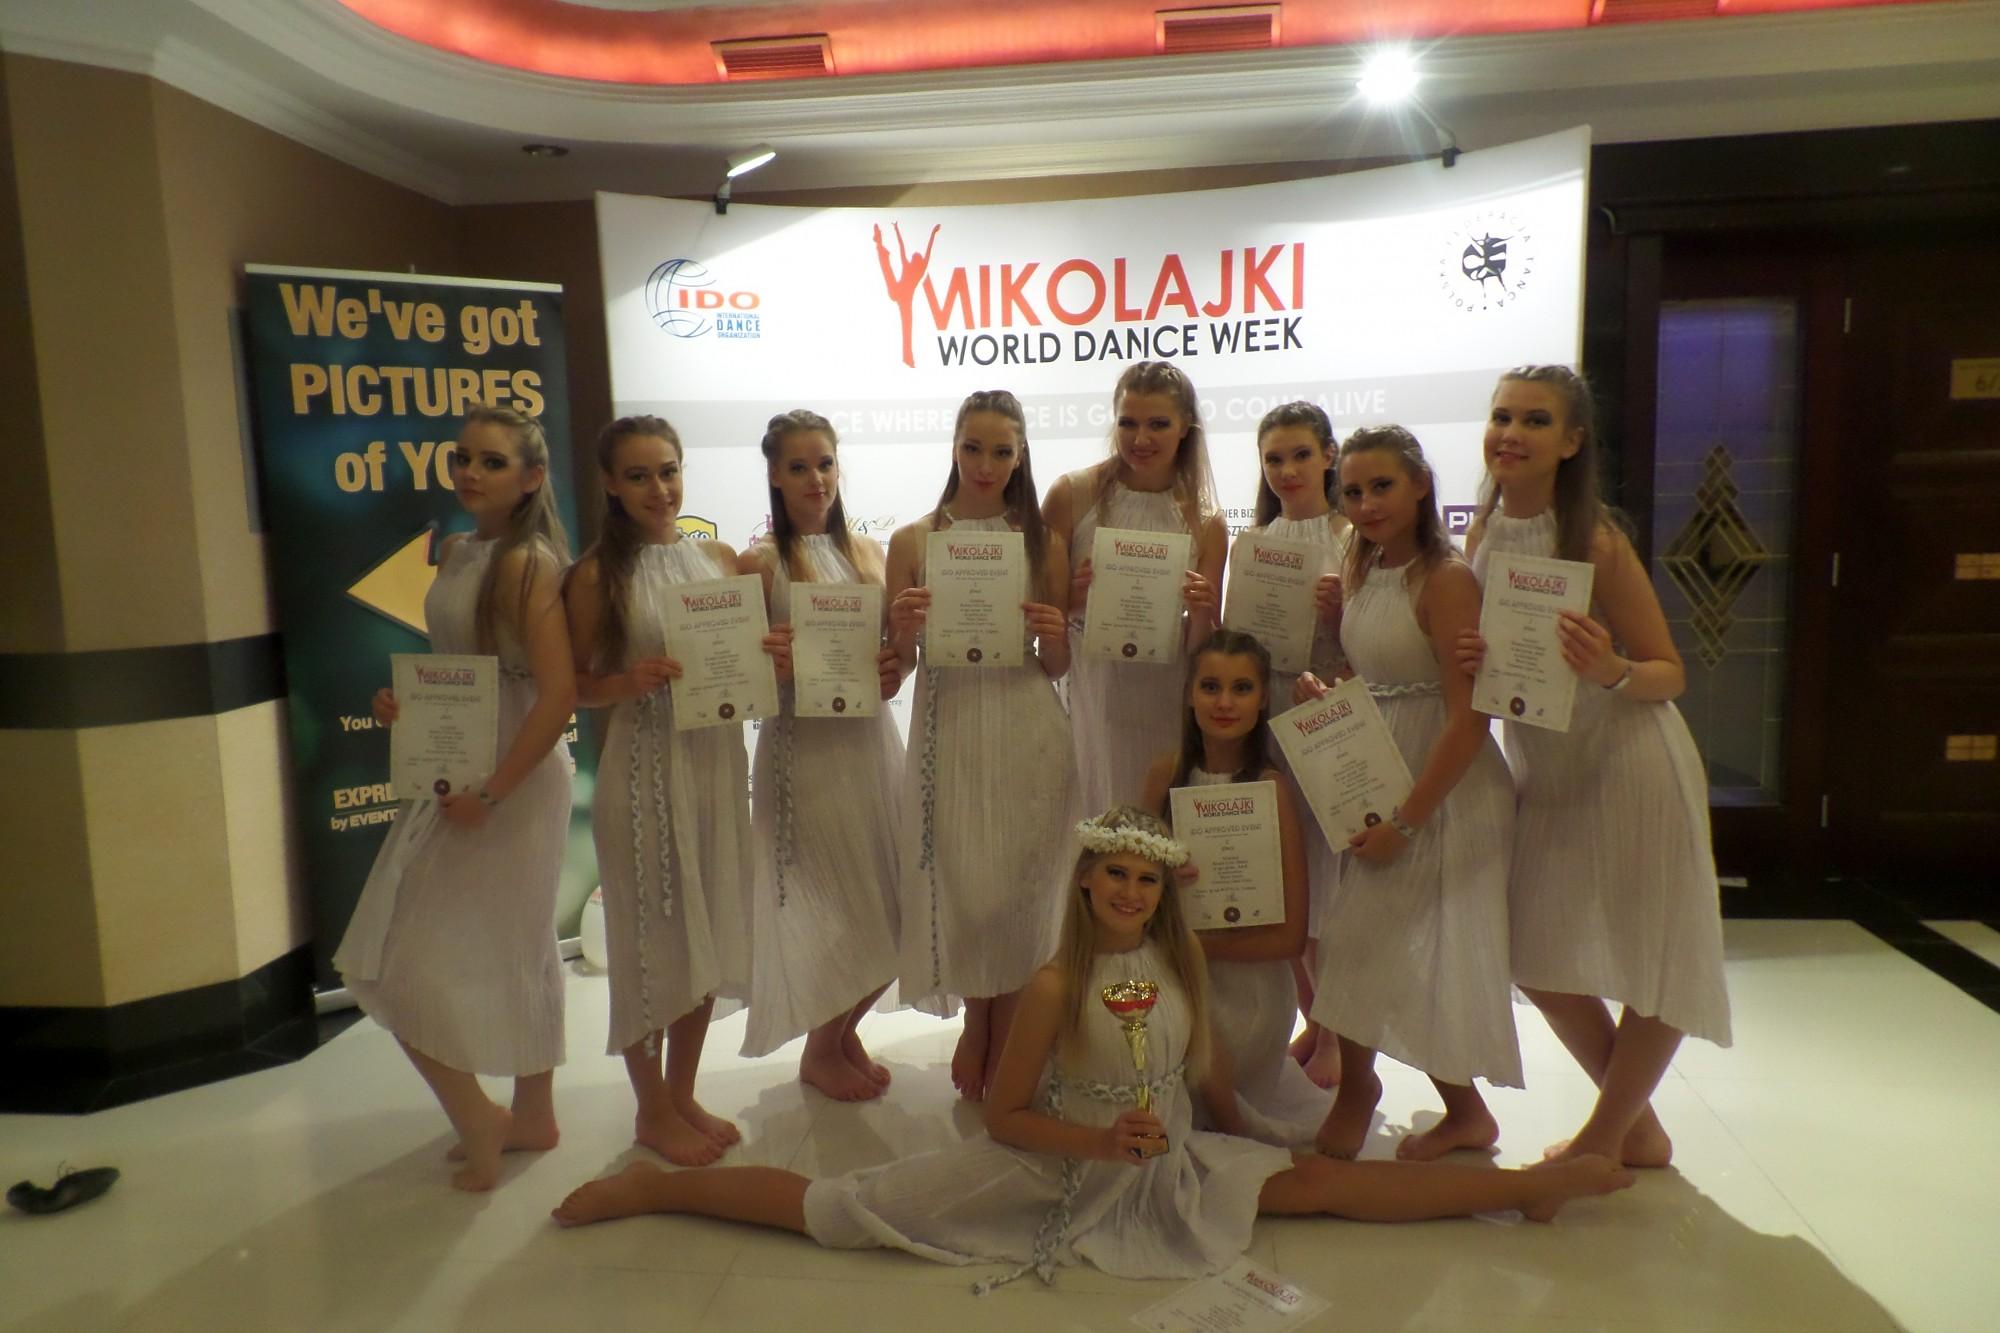 Seši pasaules kausi Liepājas Bērnu un jaunatnes centra mūsdienu deju dejotājiem